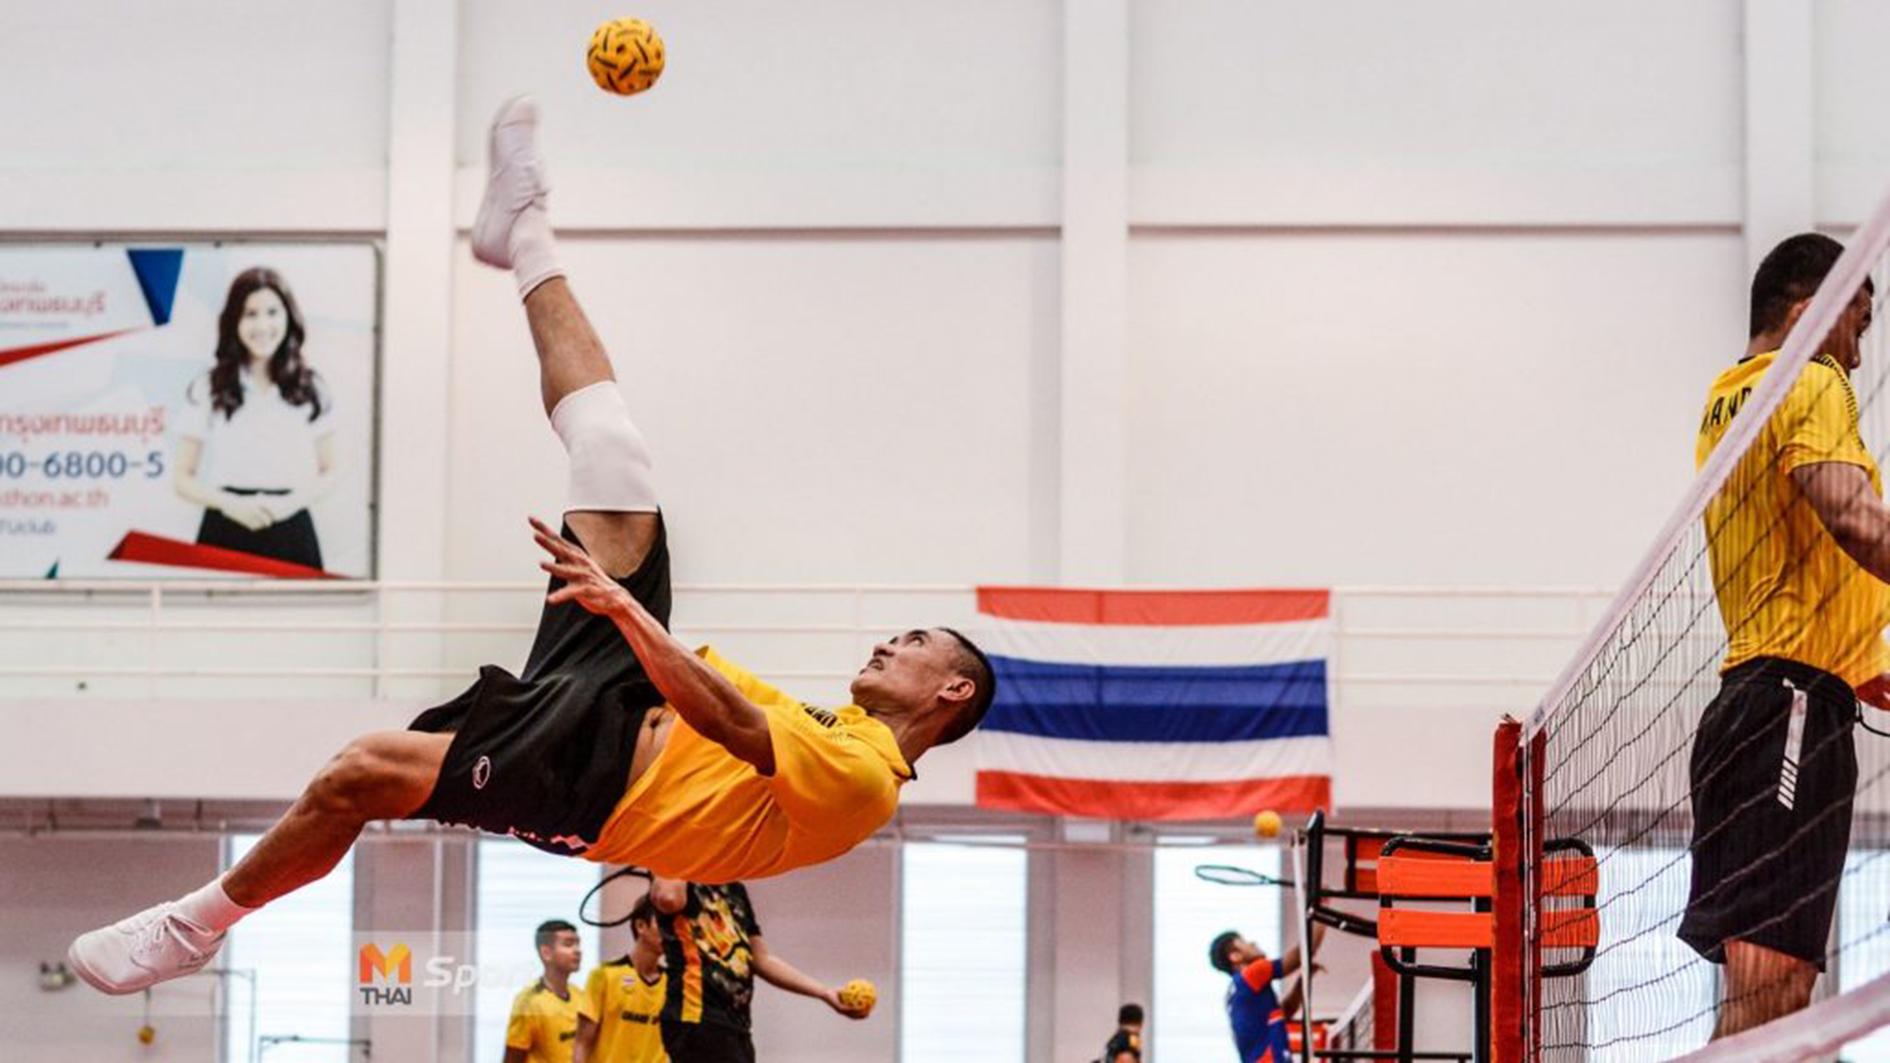 ซีเกมส์ ตะกร้อ ตะกร้อทีมชาติไทย